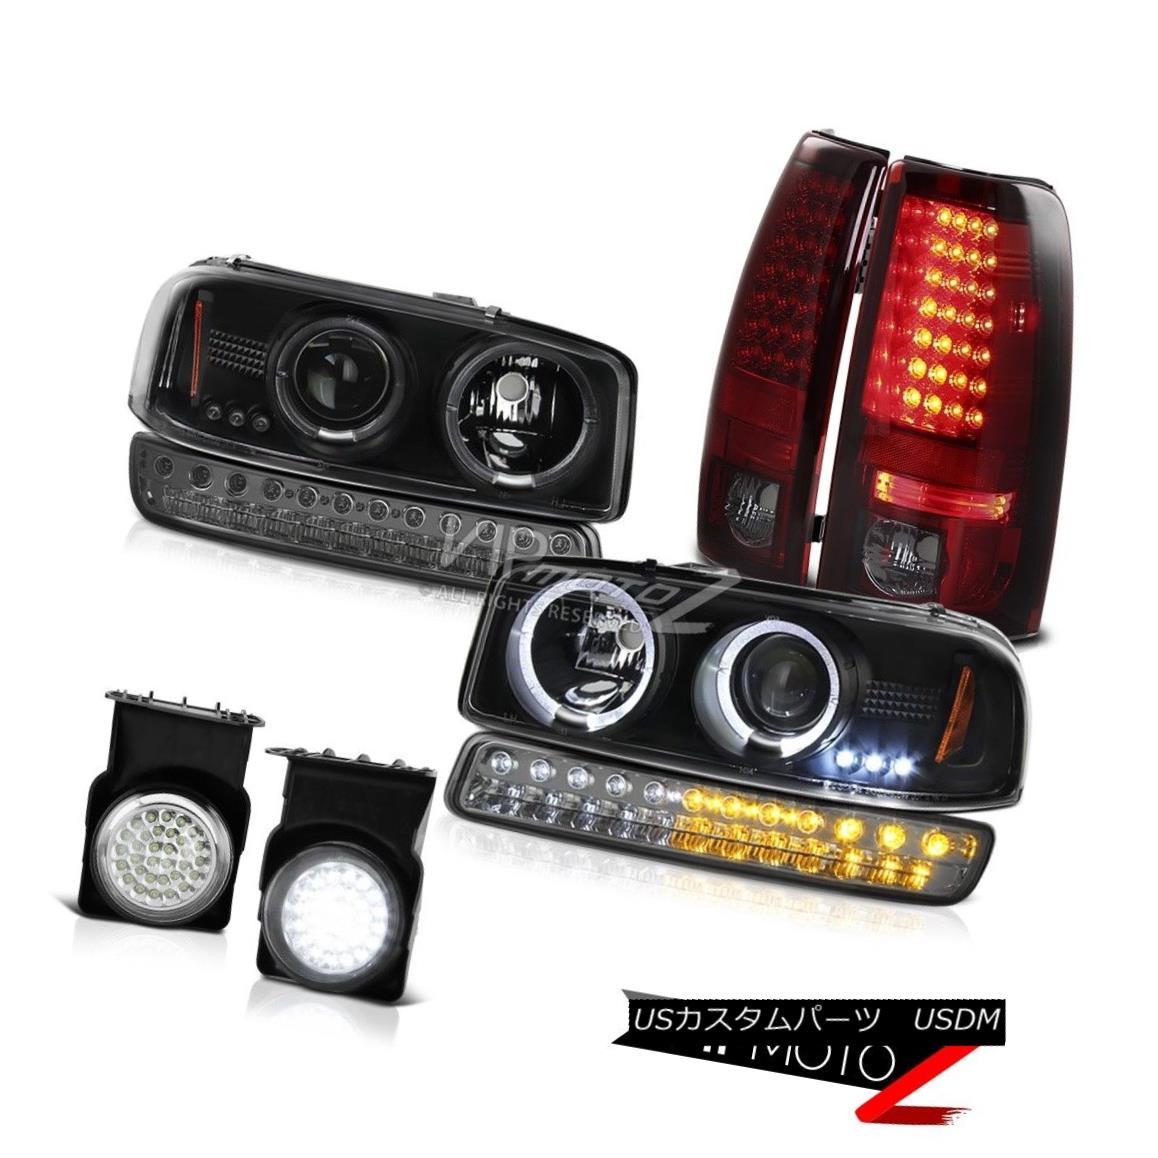 ヘッドライト 2003-2006 Sierra SLT Fog Lamps Rear Brake Parking Light Matte Black Headlamps 2003-2006シエラSLTフォグランプリアブレーキパーキングライトマットブラックヘッドランプ